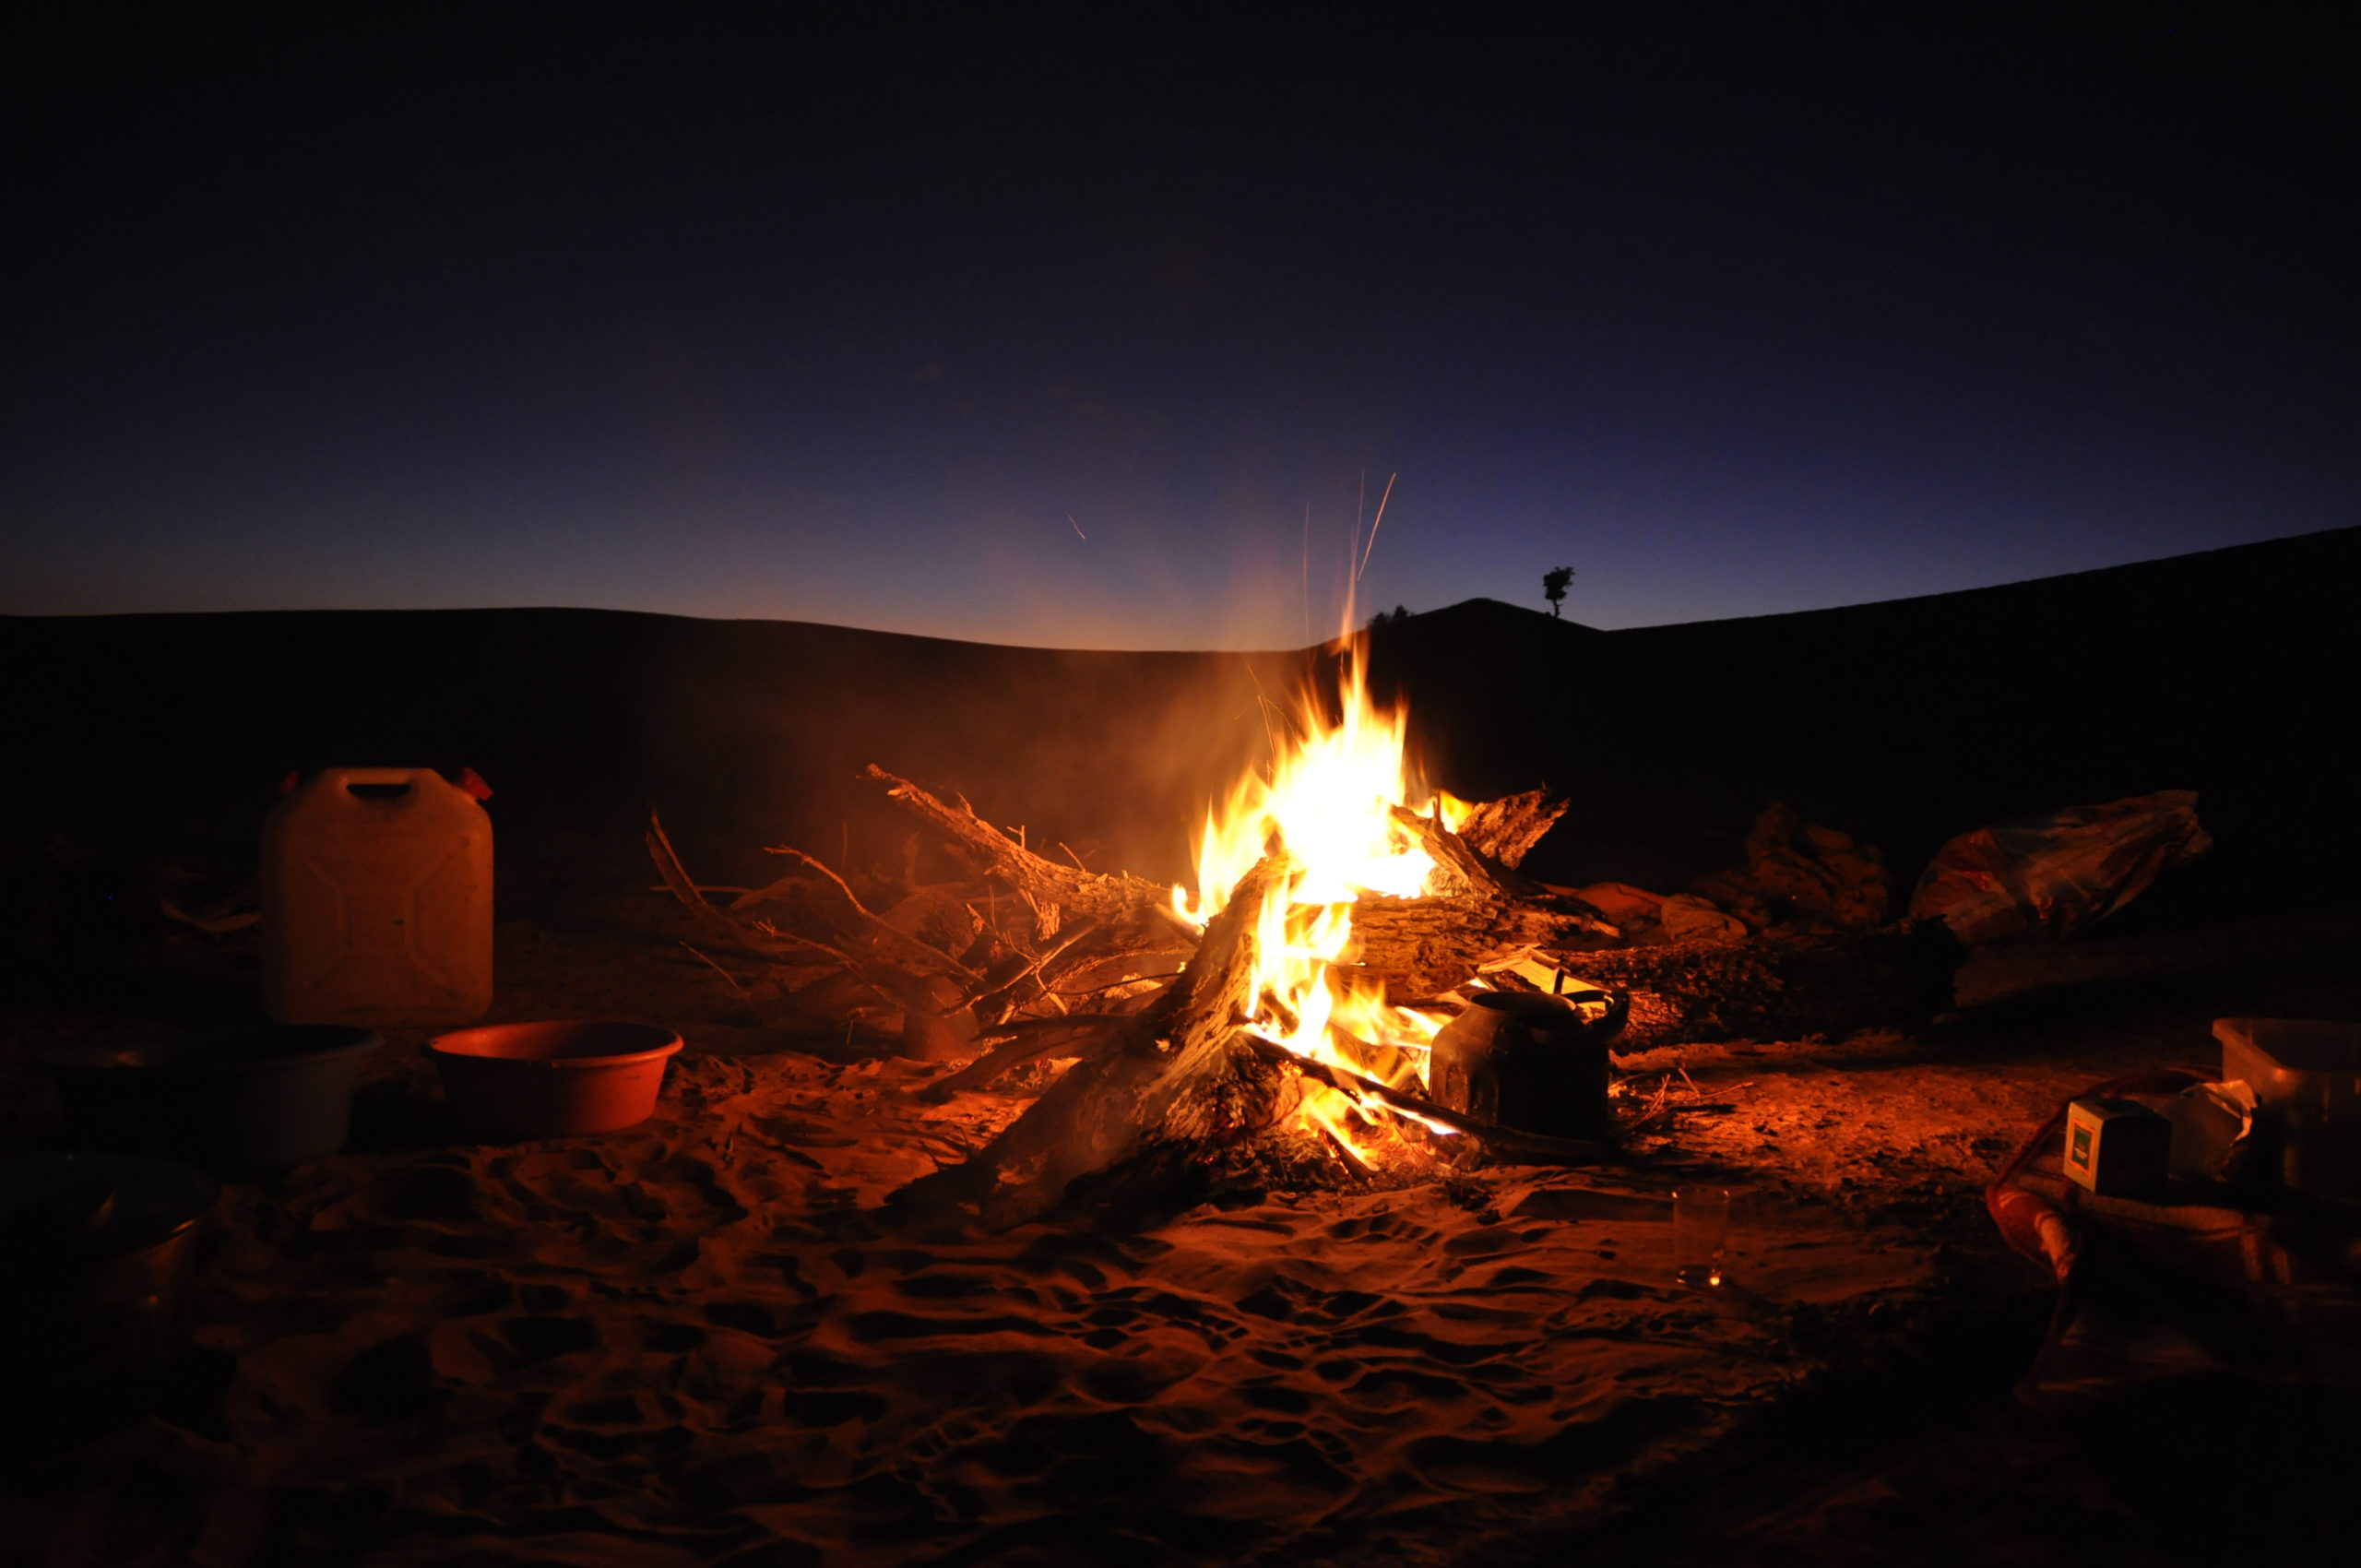 Soins énergétiques_L'énergie du feu dans le désert